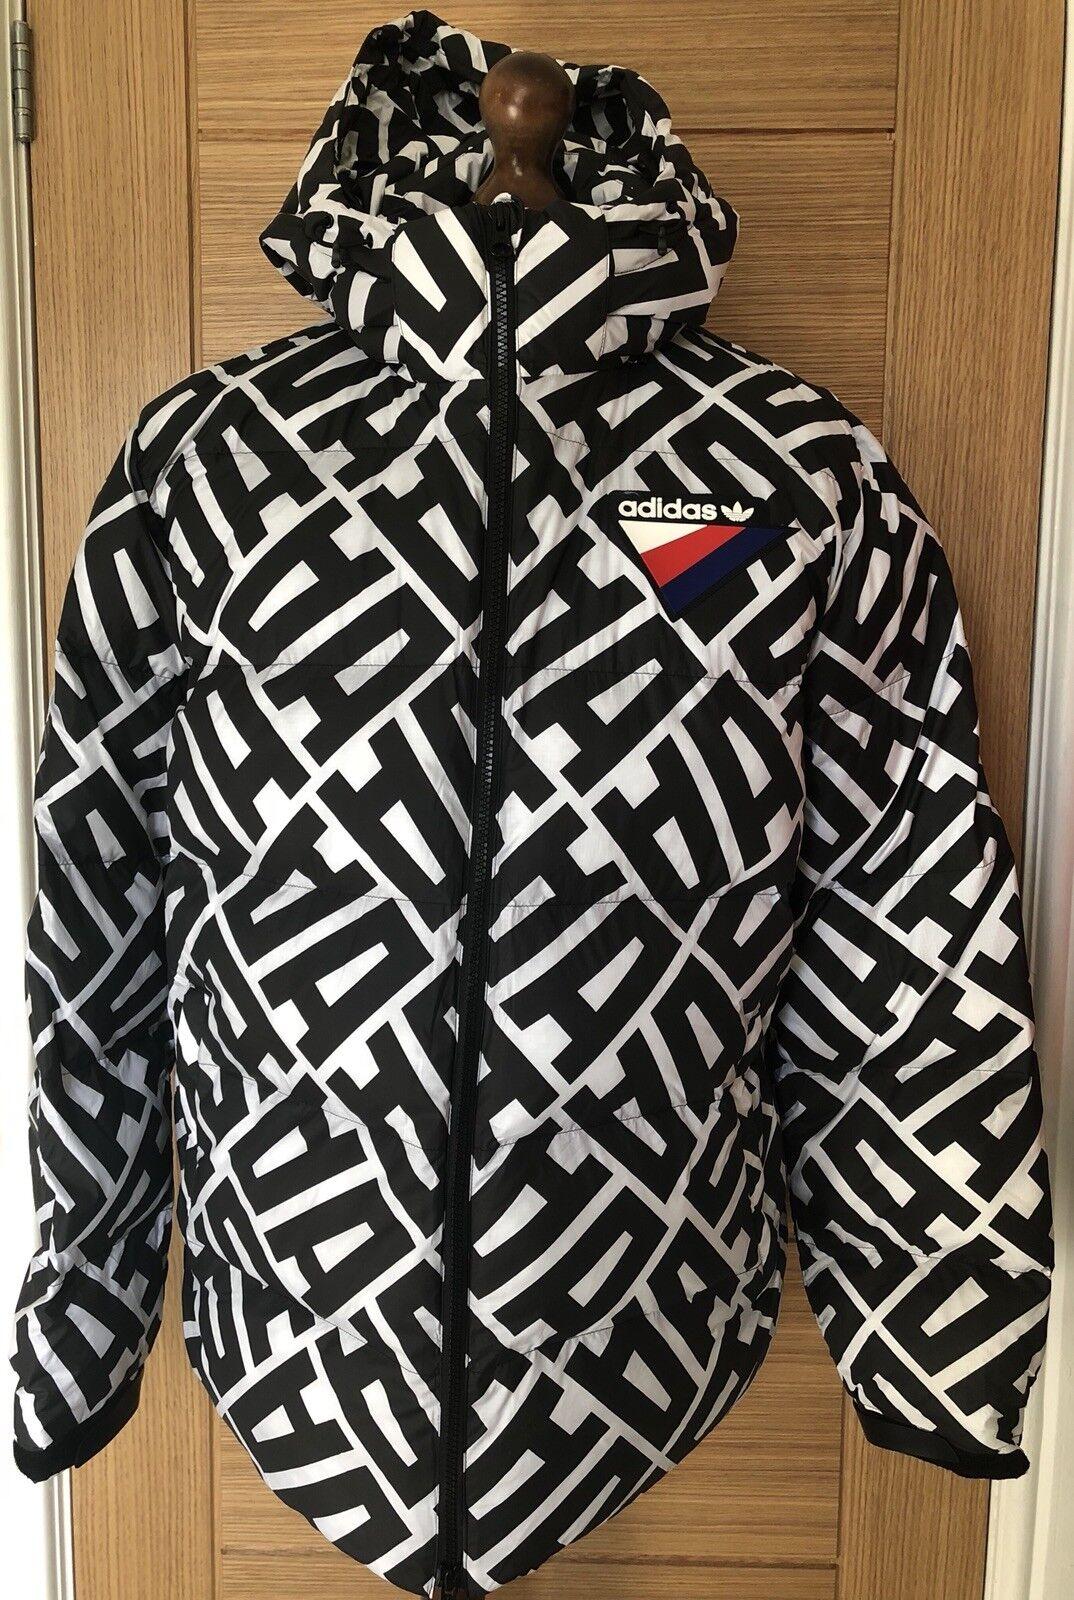 NEW Adidas Originals AOP Heavy Graphic Puffa Puffer Coat SZ Medium RARE SAMPLE